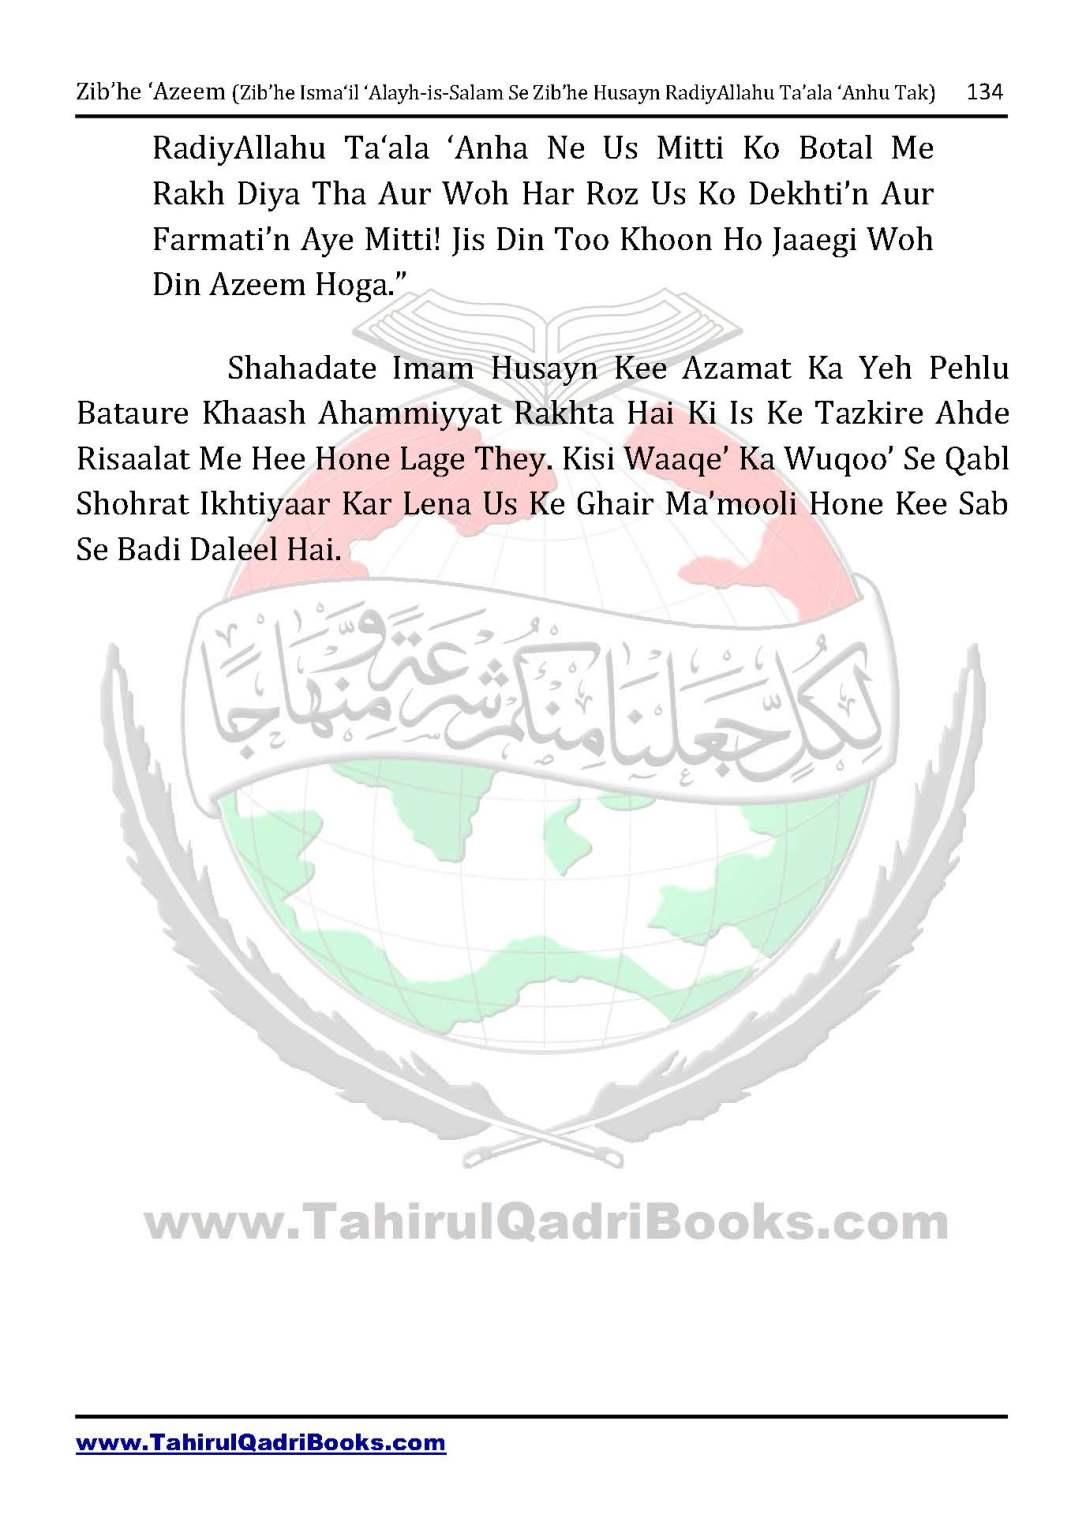 zib_he-e28098azeem-zib_he-ismacabbil-se-zib_he-husayn-tak-in-roman-urdu-unlocked_Page_134